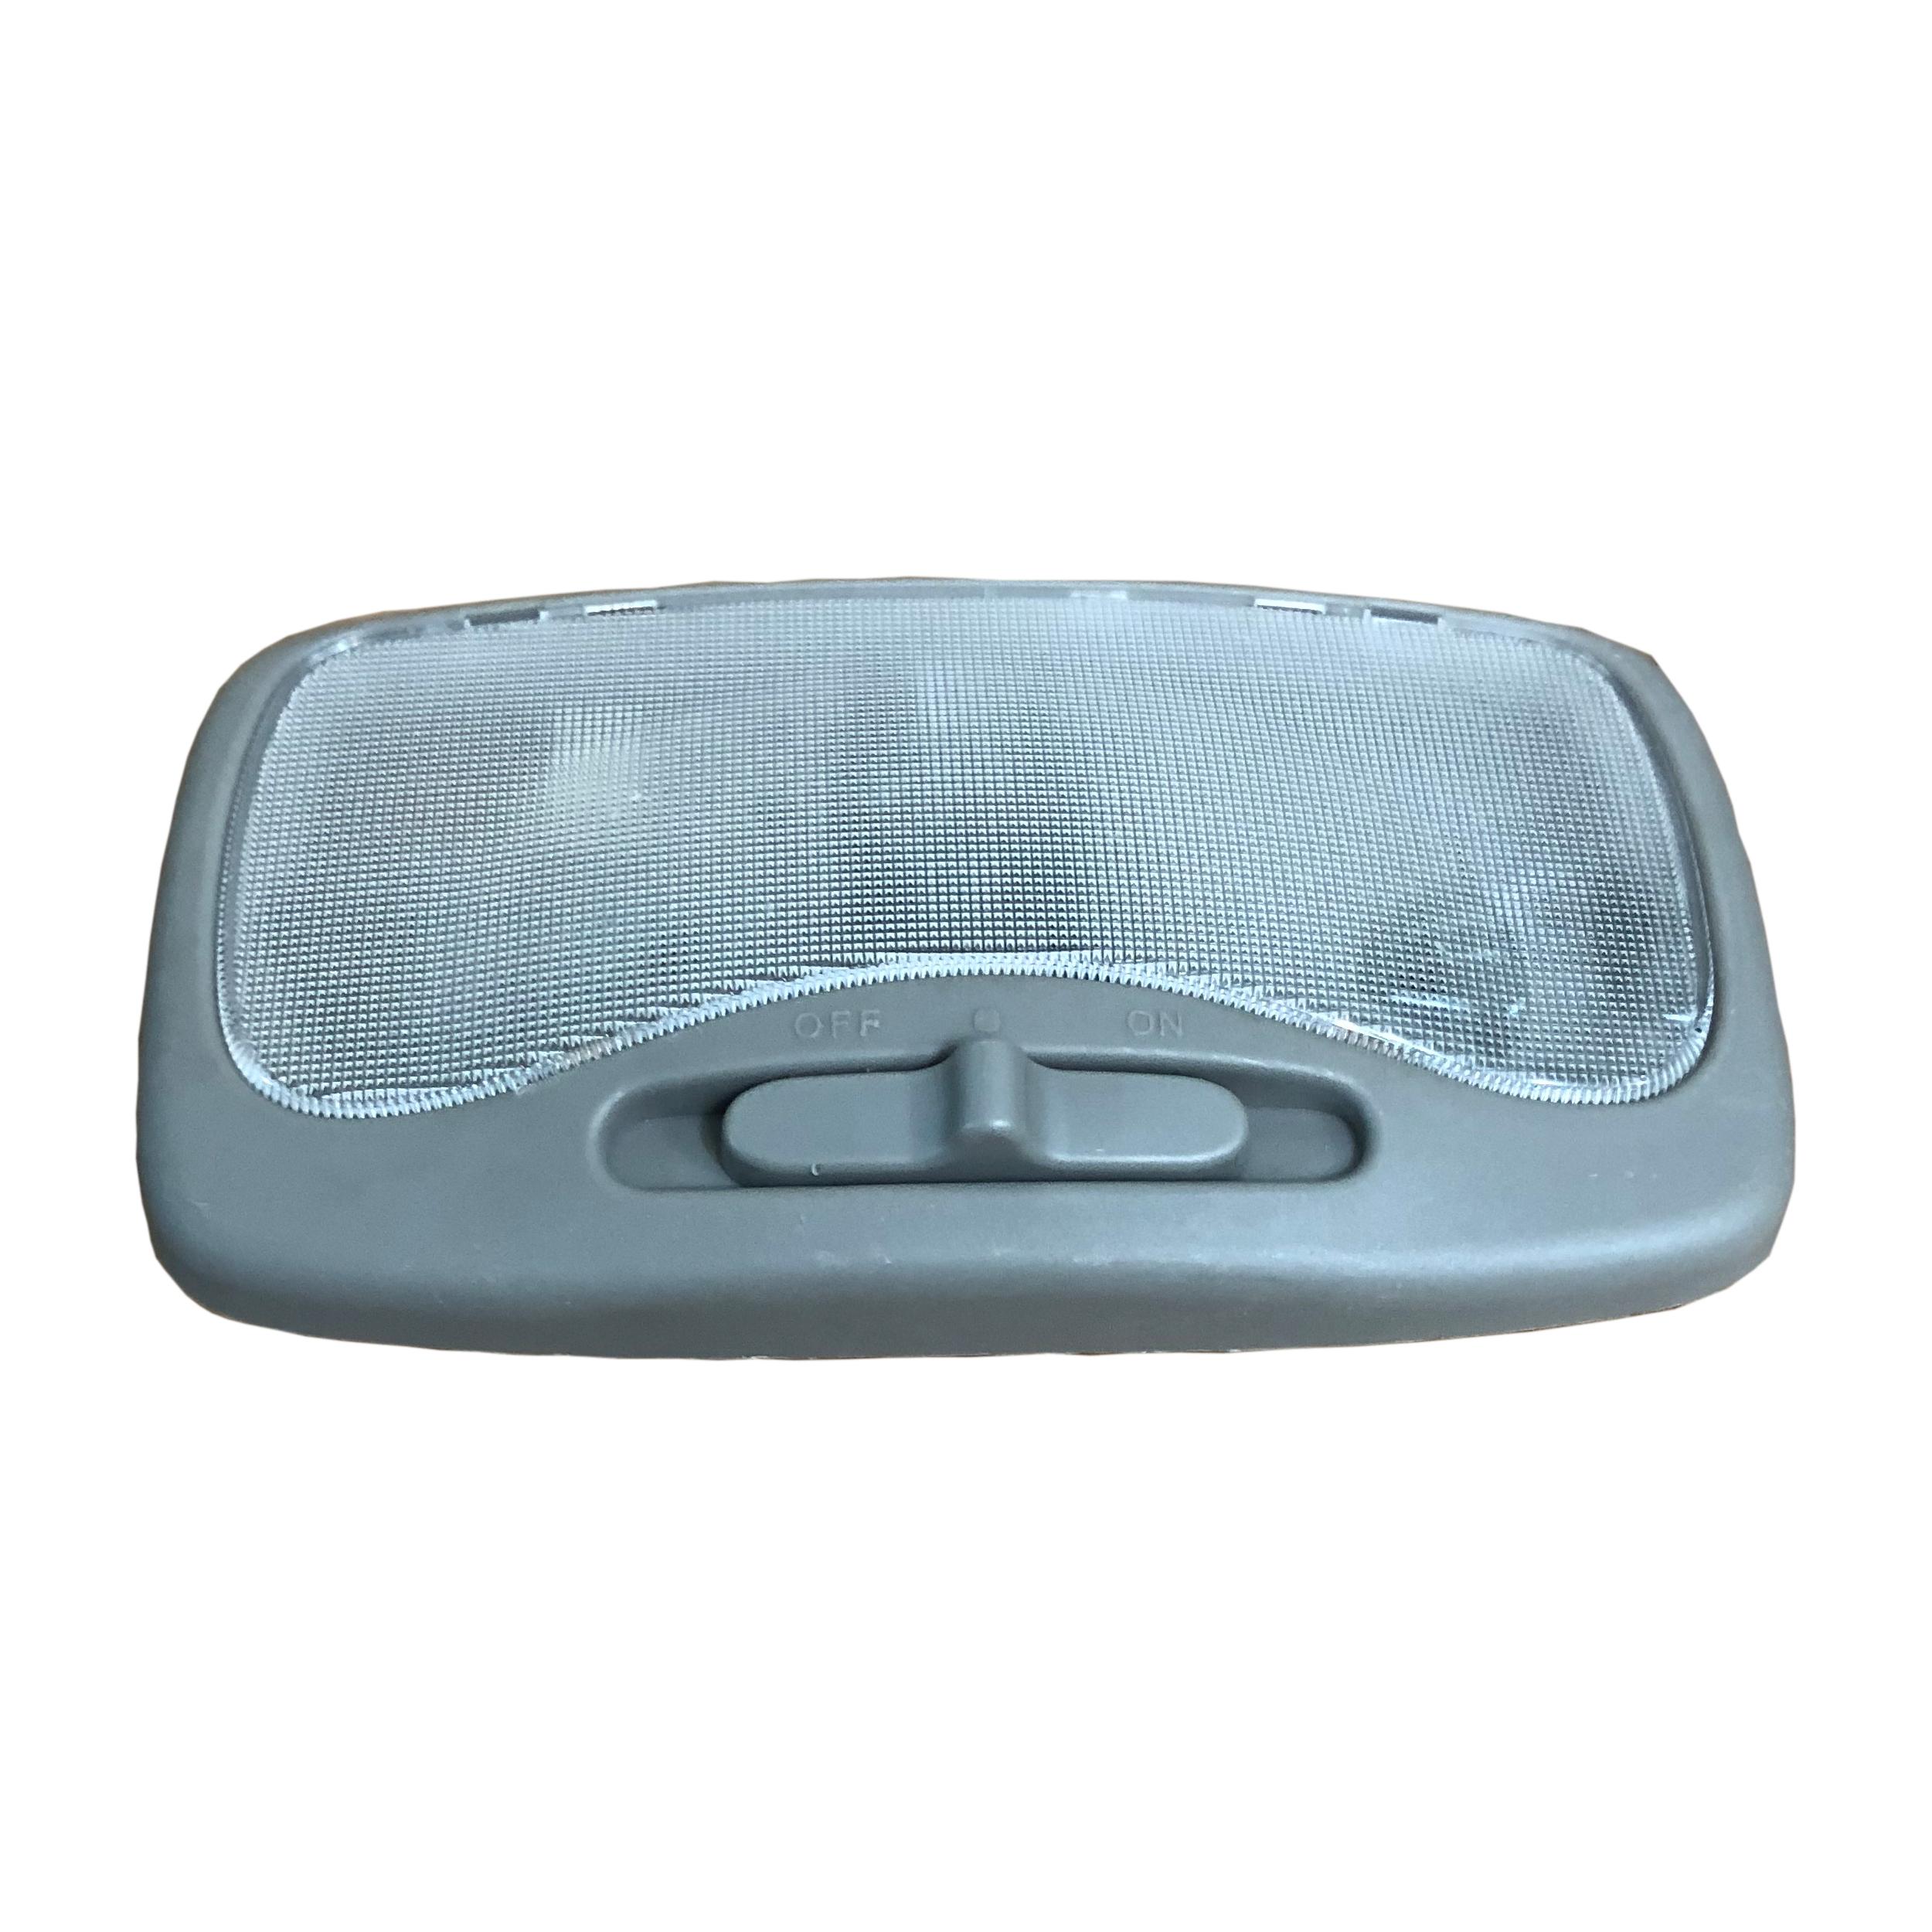 چراغ سقف خودرو کد 1259875 مناسب برای تیبا